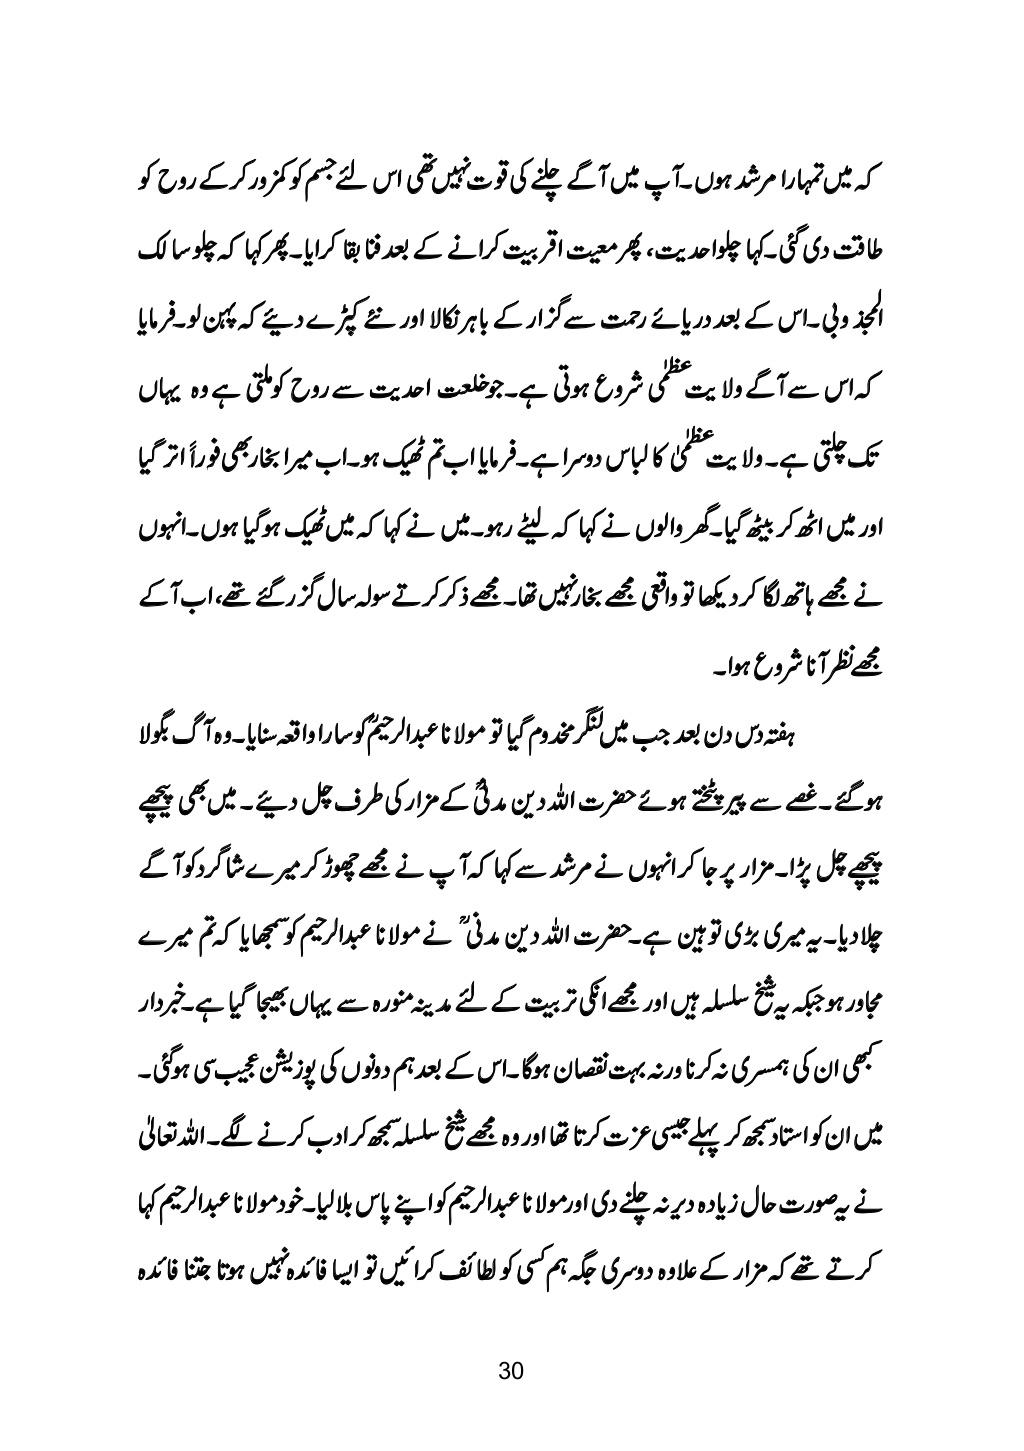 murshad-jaisa-na-daikha-koi-by-major-ghulam-muhammad-32-1024